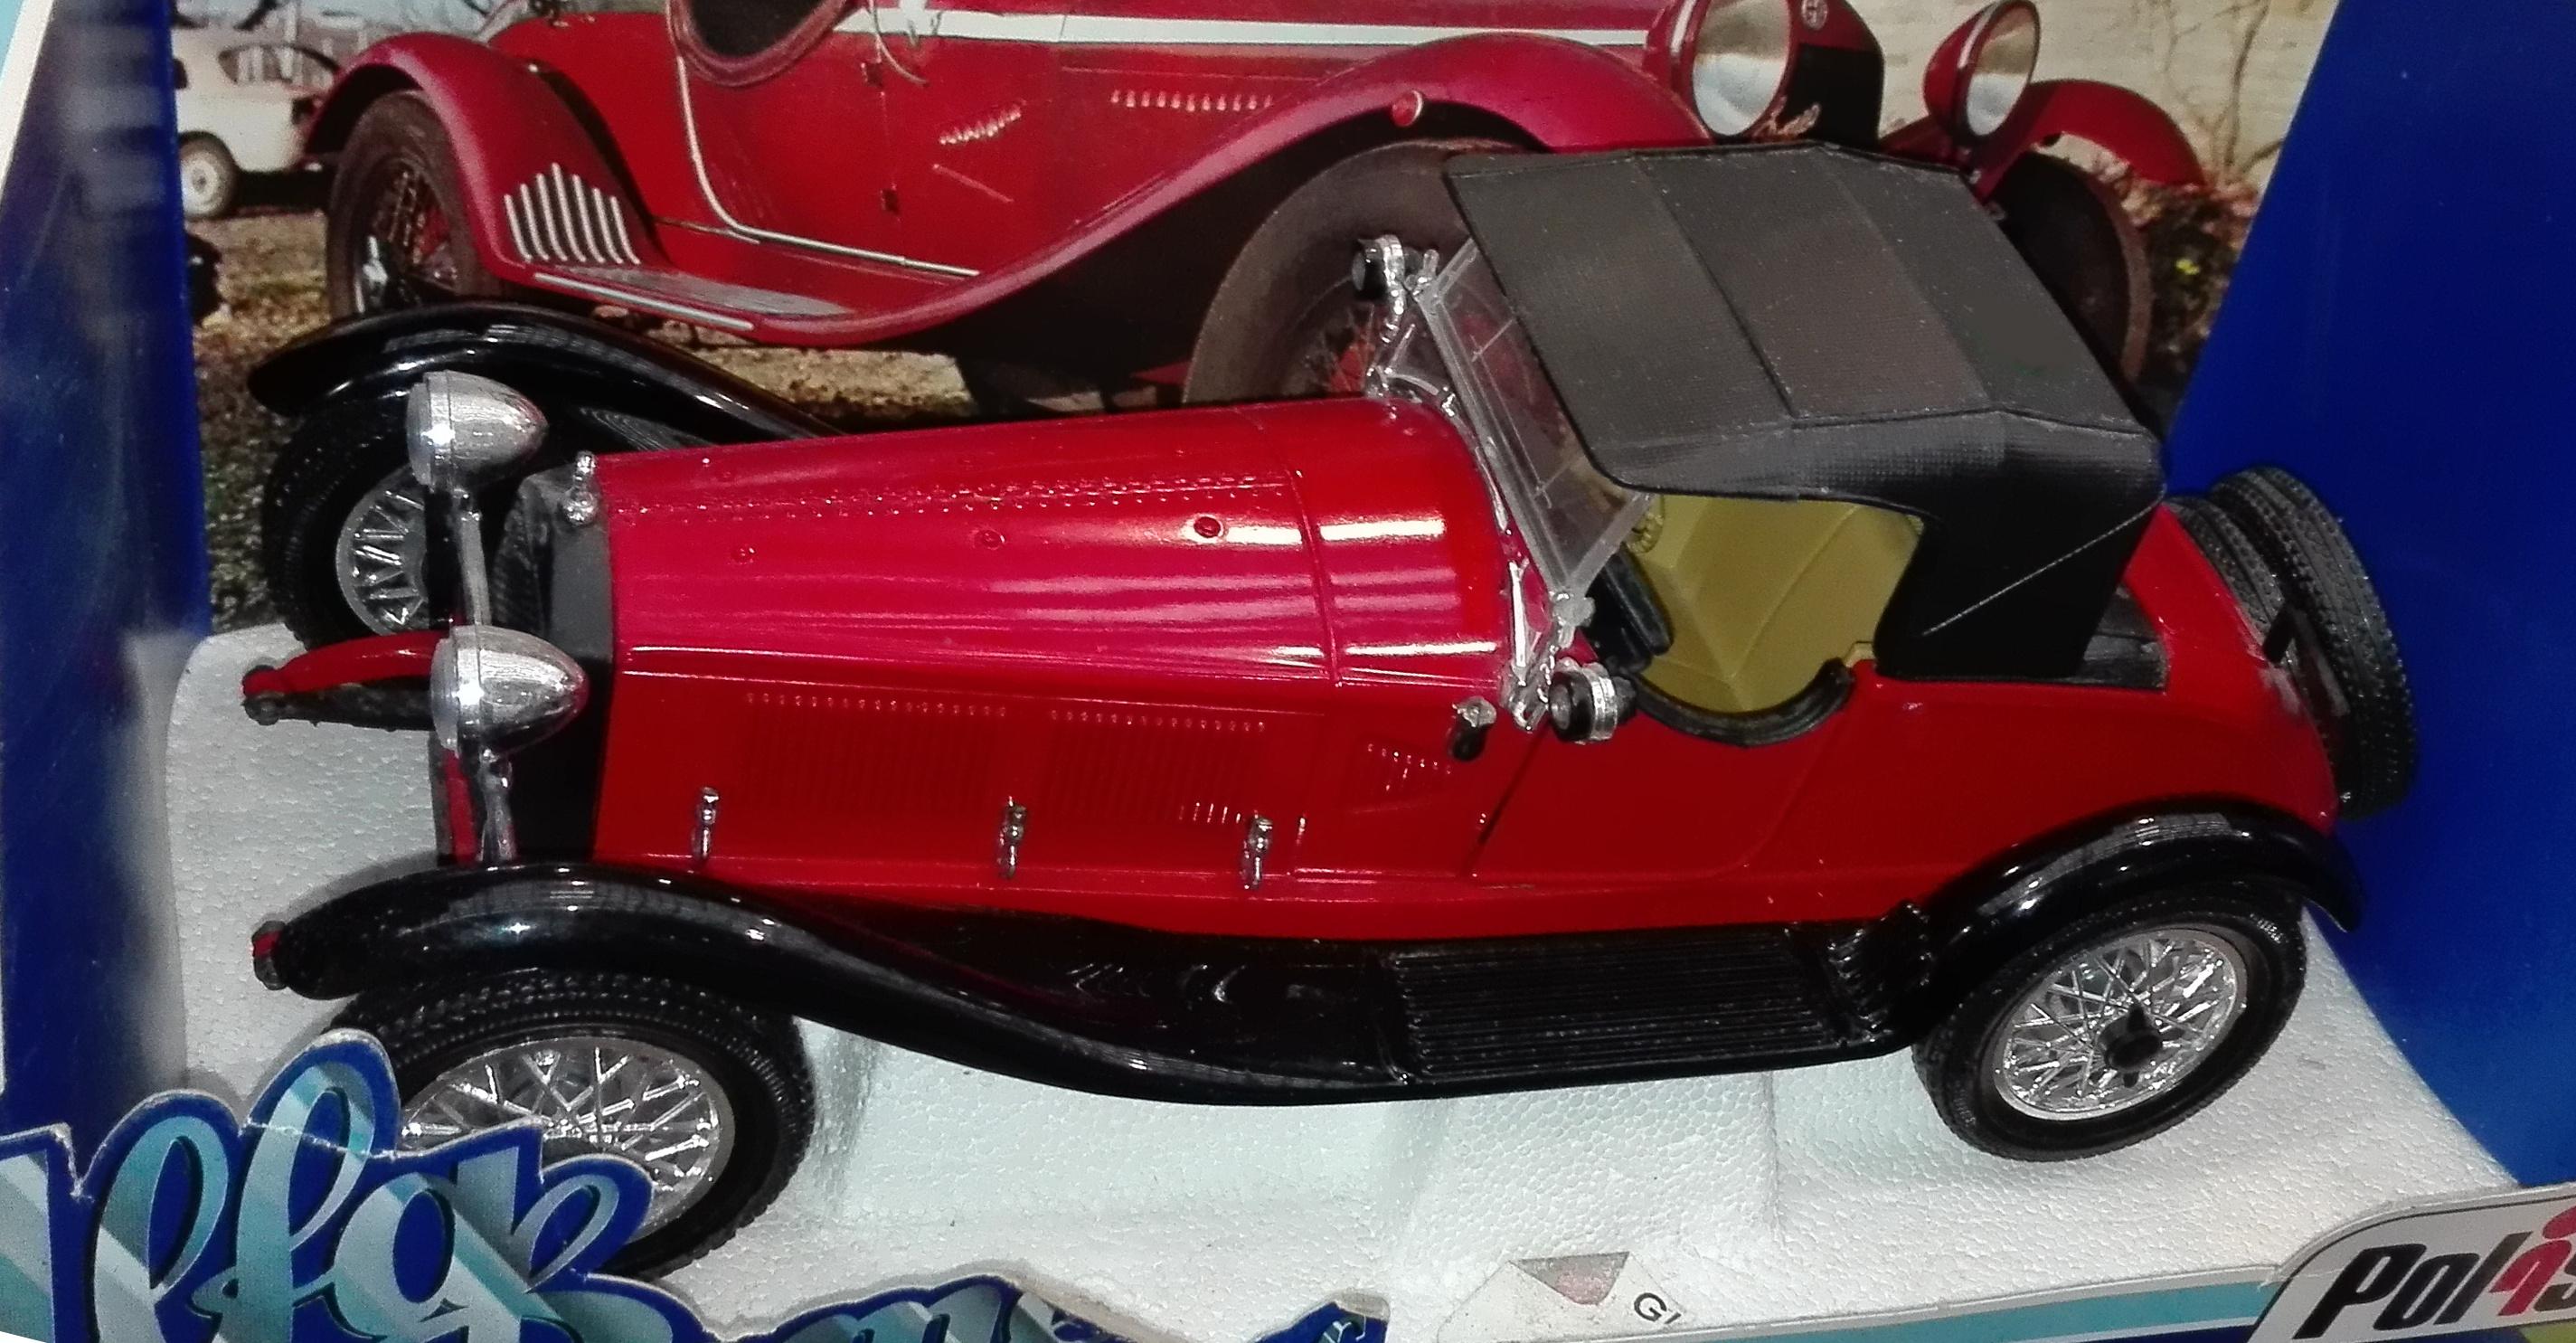 TG7(01103), Alfa Romeo 1750 6c. Millemiglia 1930 guidata da Tazio Nuvolari (cc-by-sa my photo)